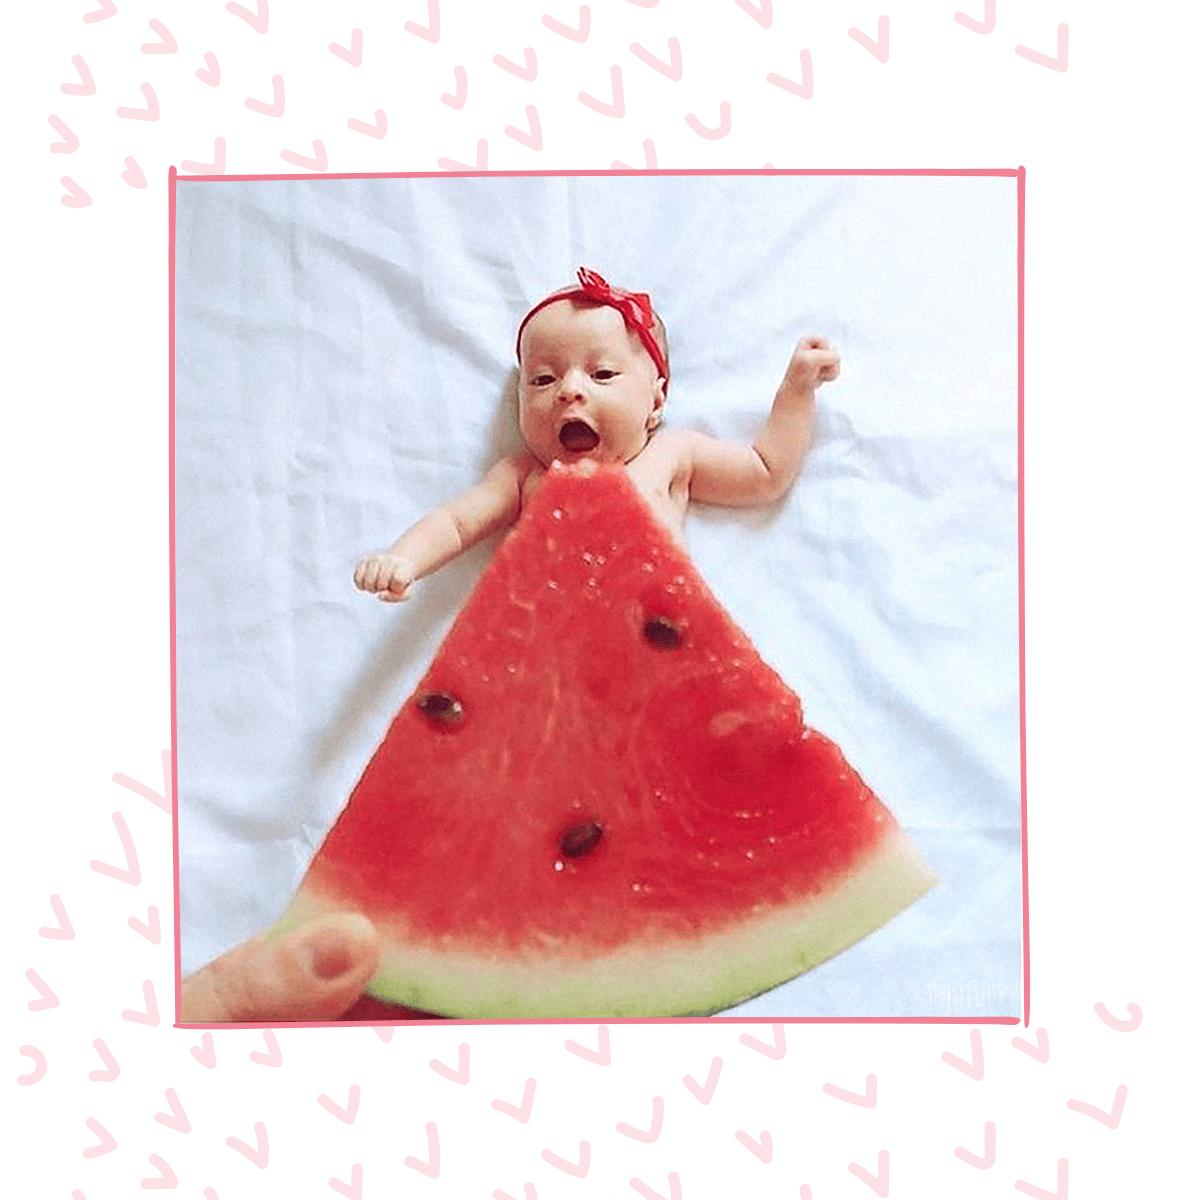 Fotos criativas para fazer em casa com o bebê! Faça fotos com frutas